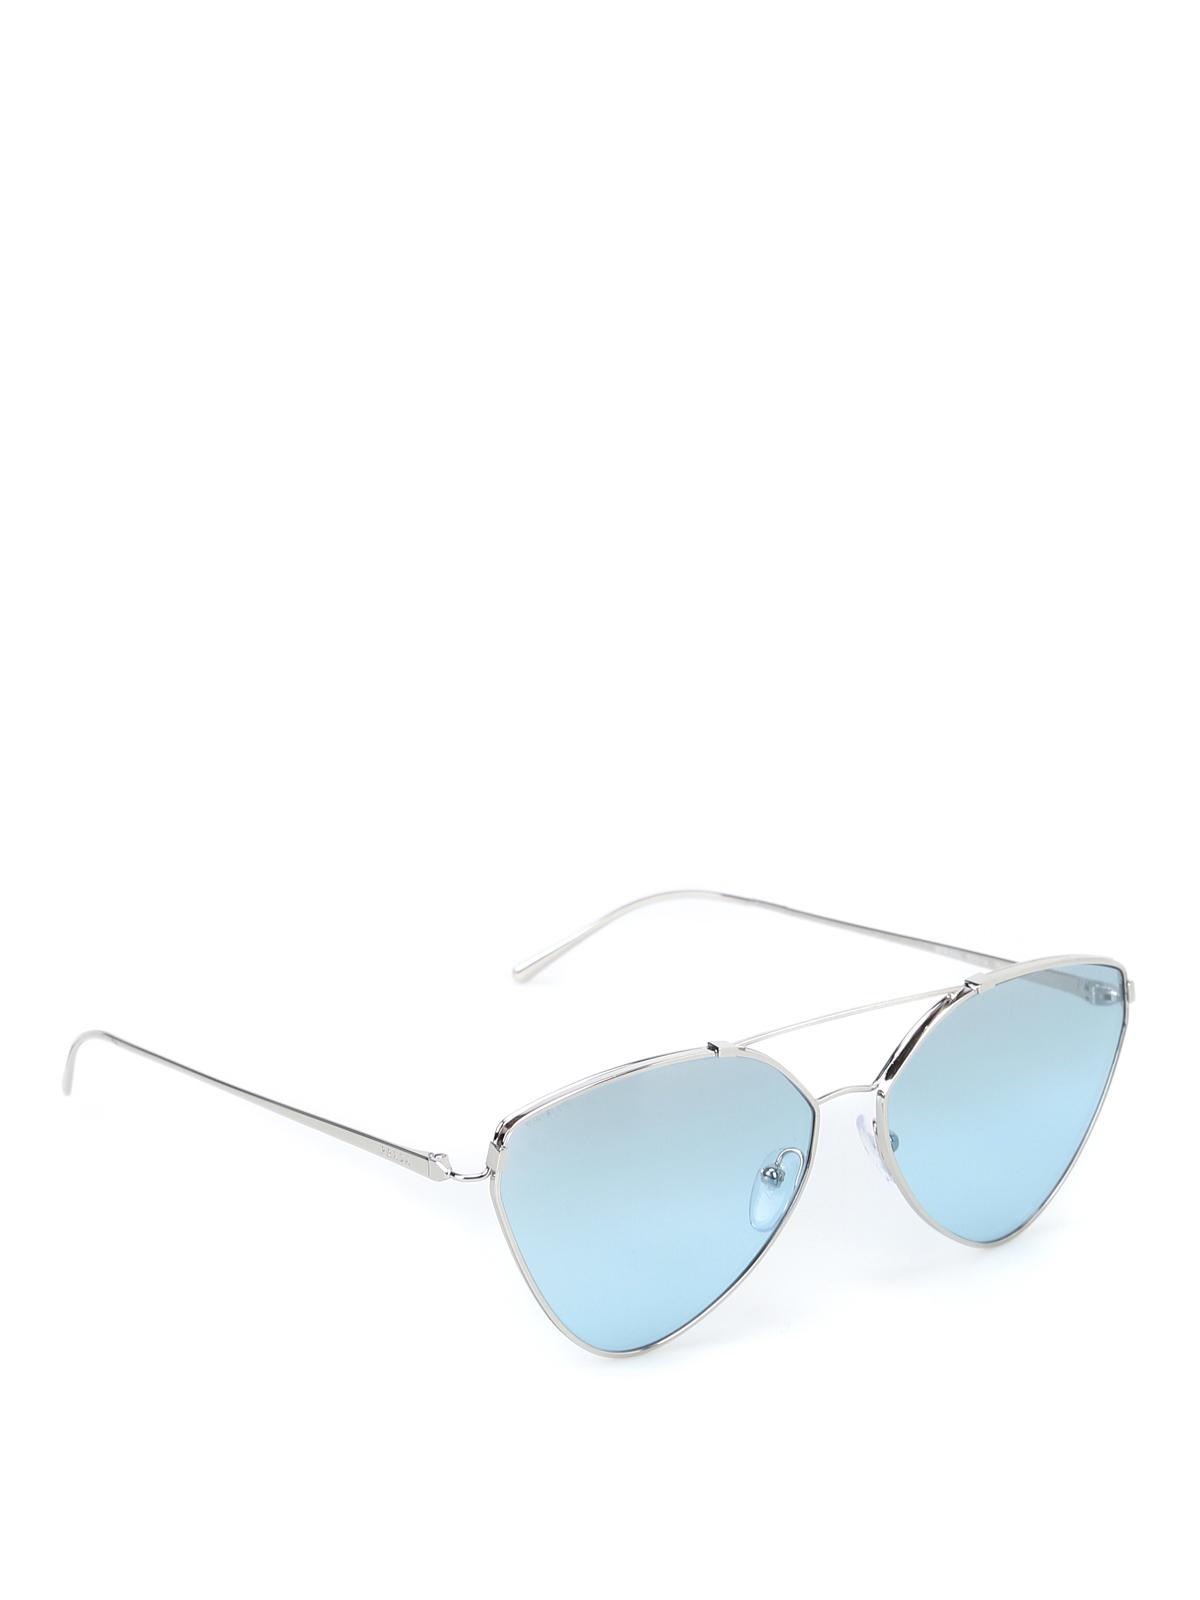 aa2179246093 Prada - Collection silver tone sunglasses - sunglasses - SPR51U 1BC 096